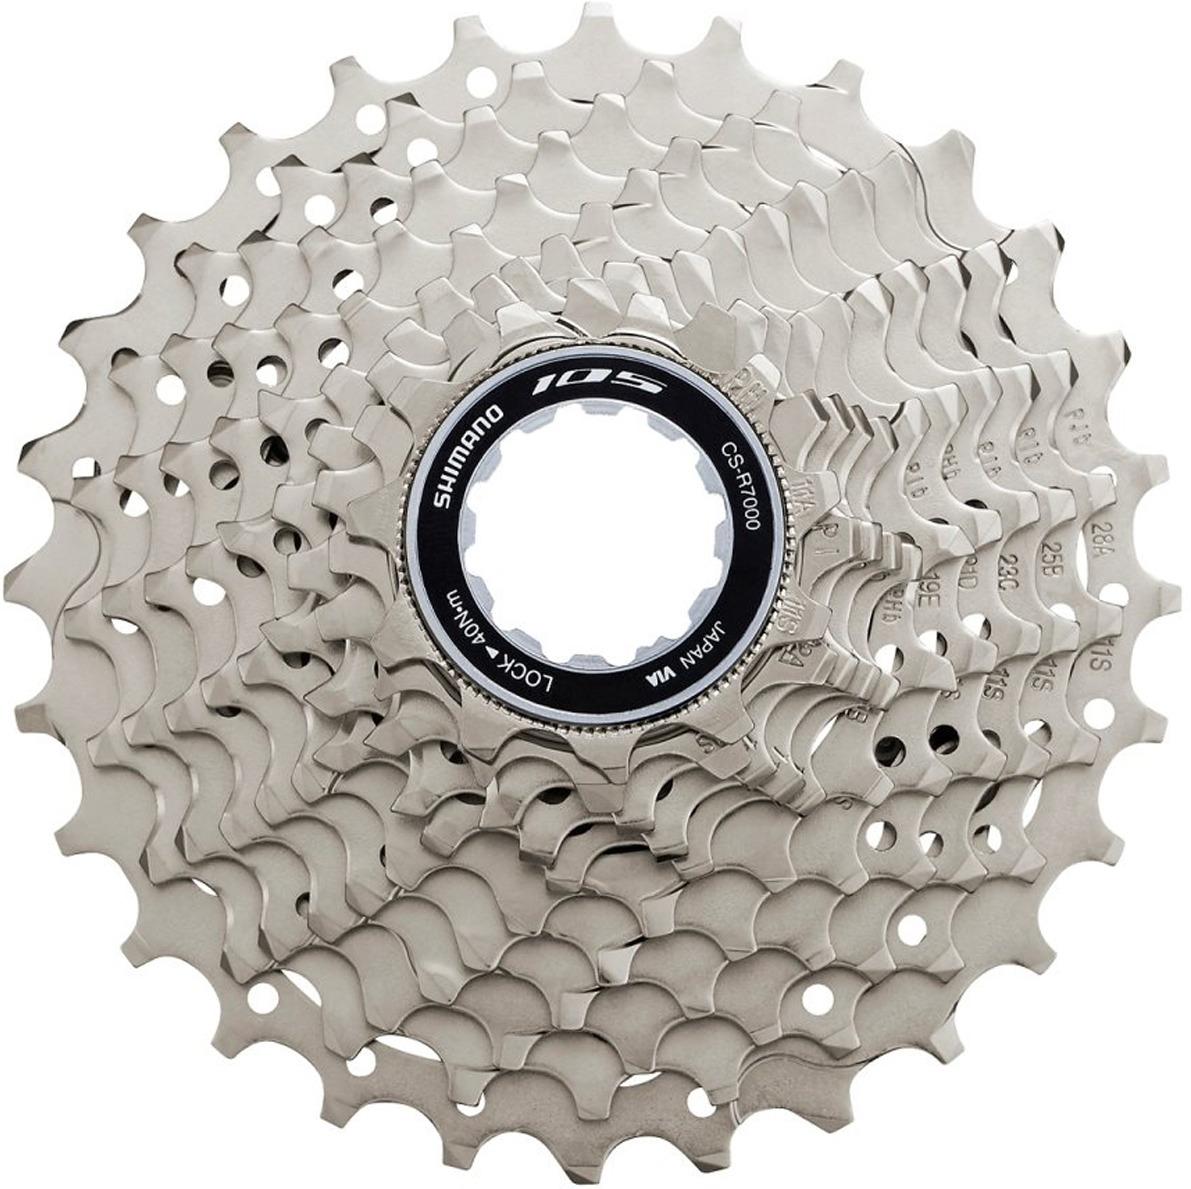 цена на Кассета для велосипеда Shimano 105, R7000, 11 скоростей, 12-25, ICSR700011225